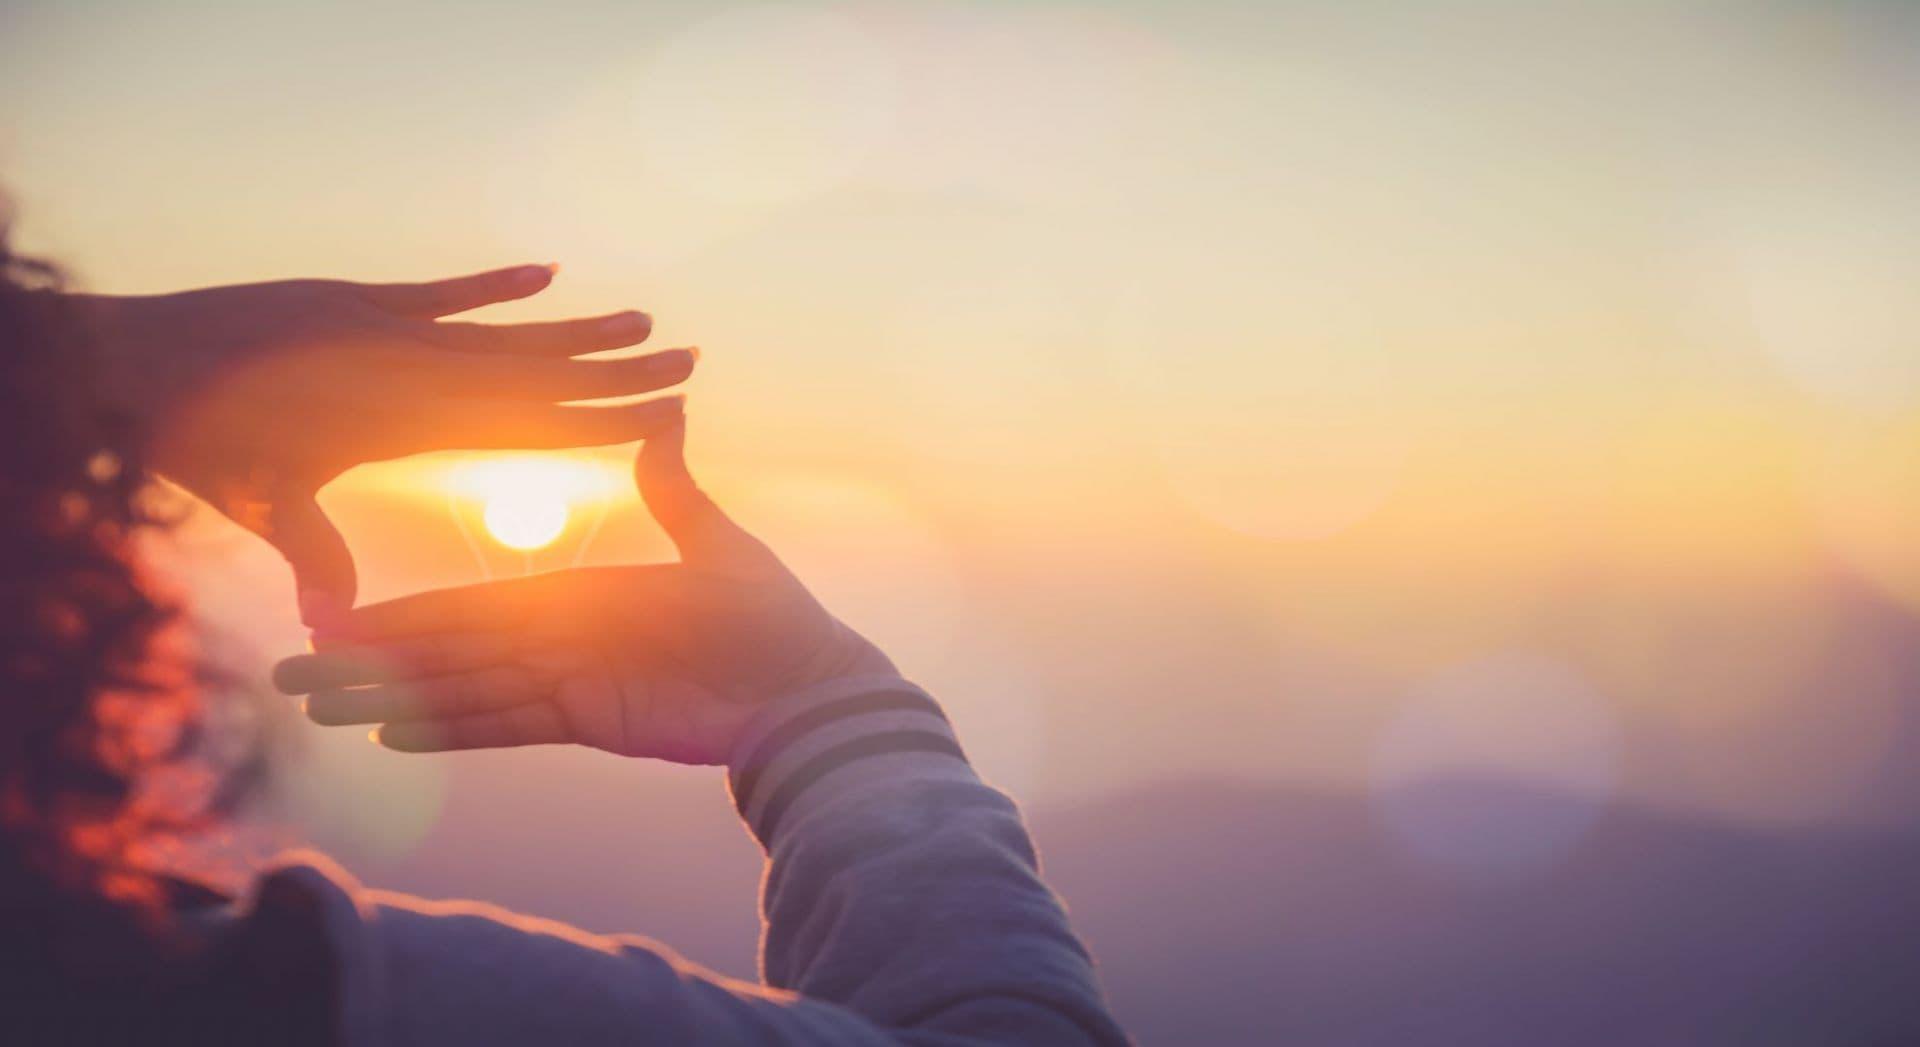 Kuvituskuva, ihminen tekee käsistään kehykset auringolle